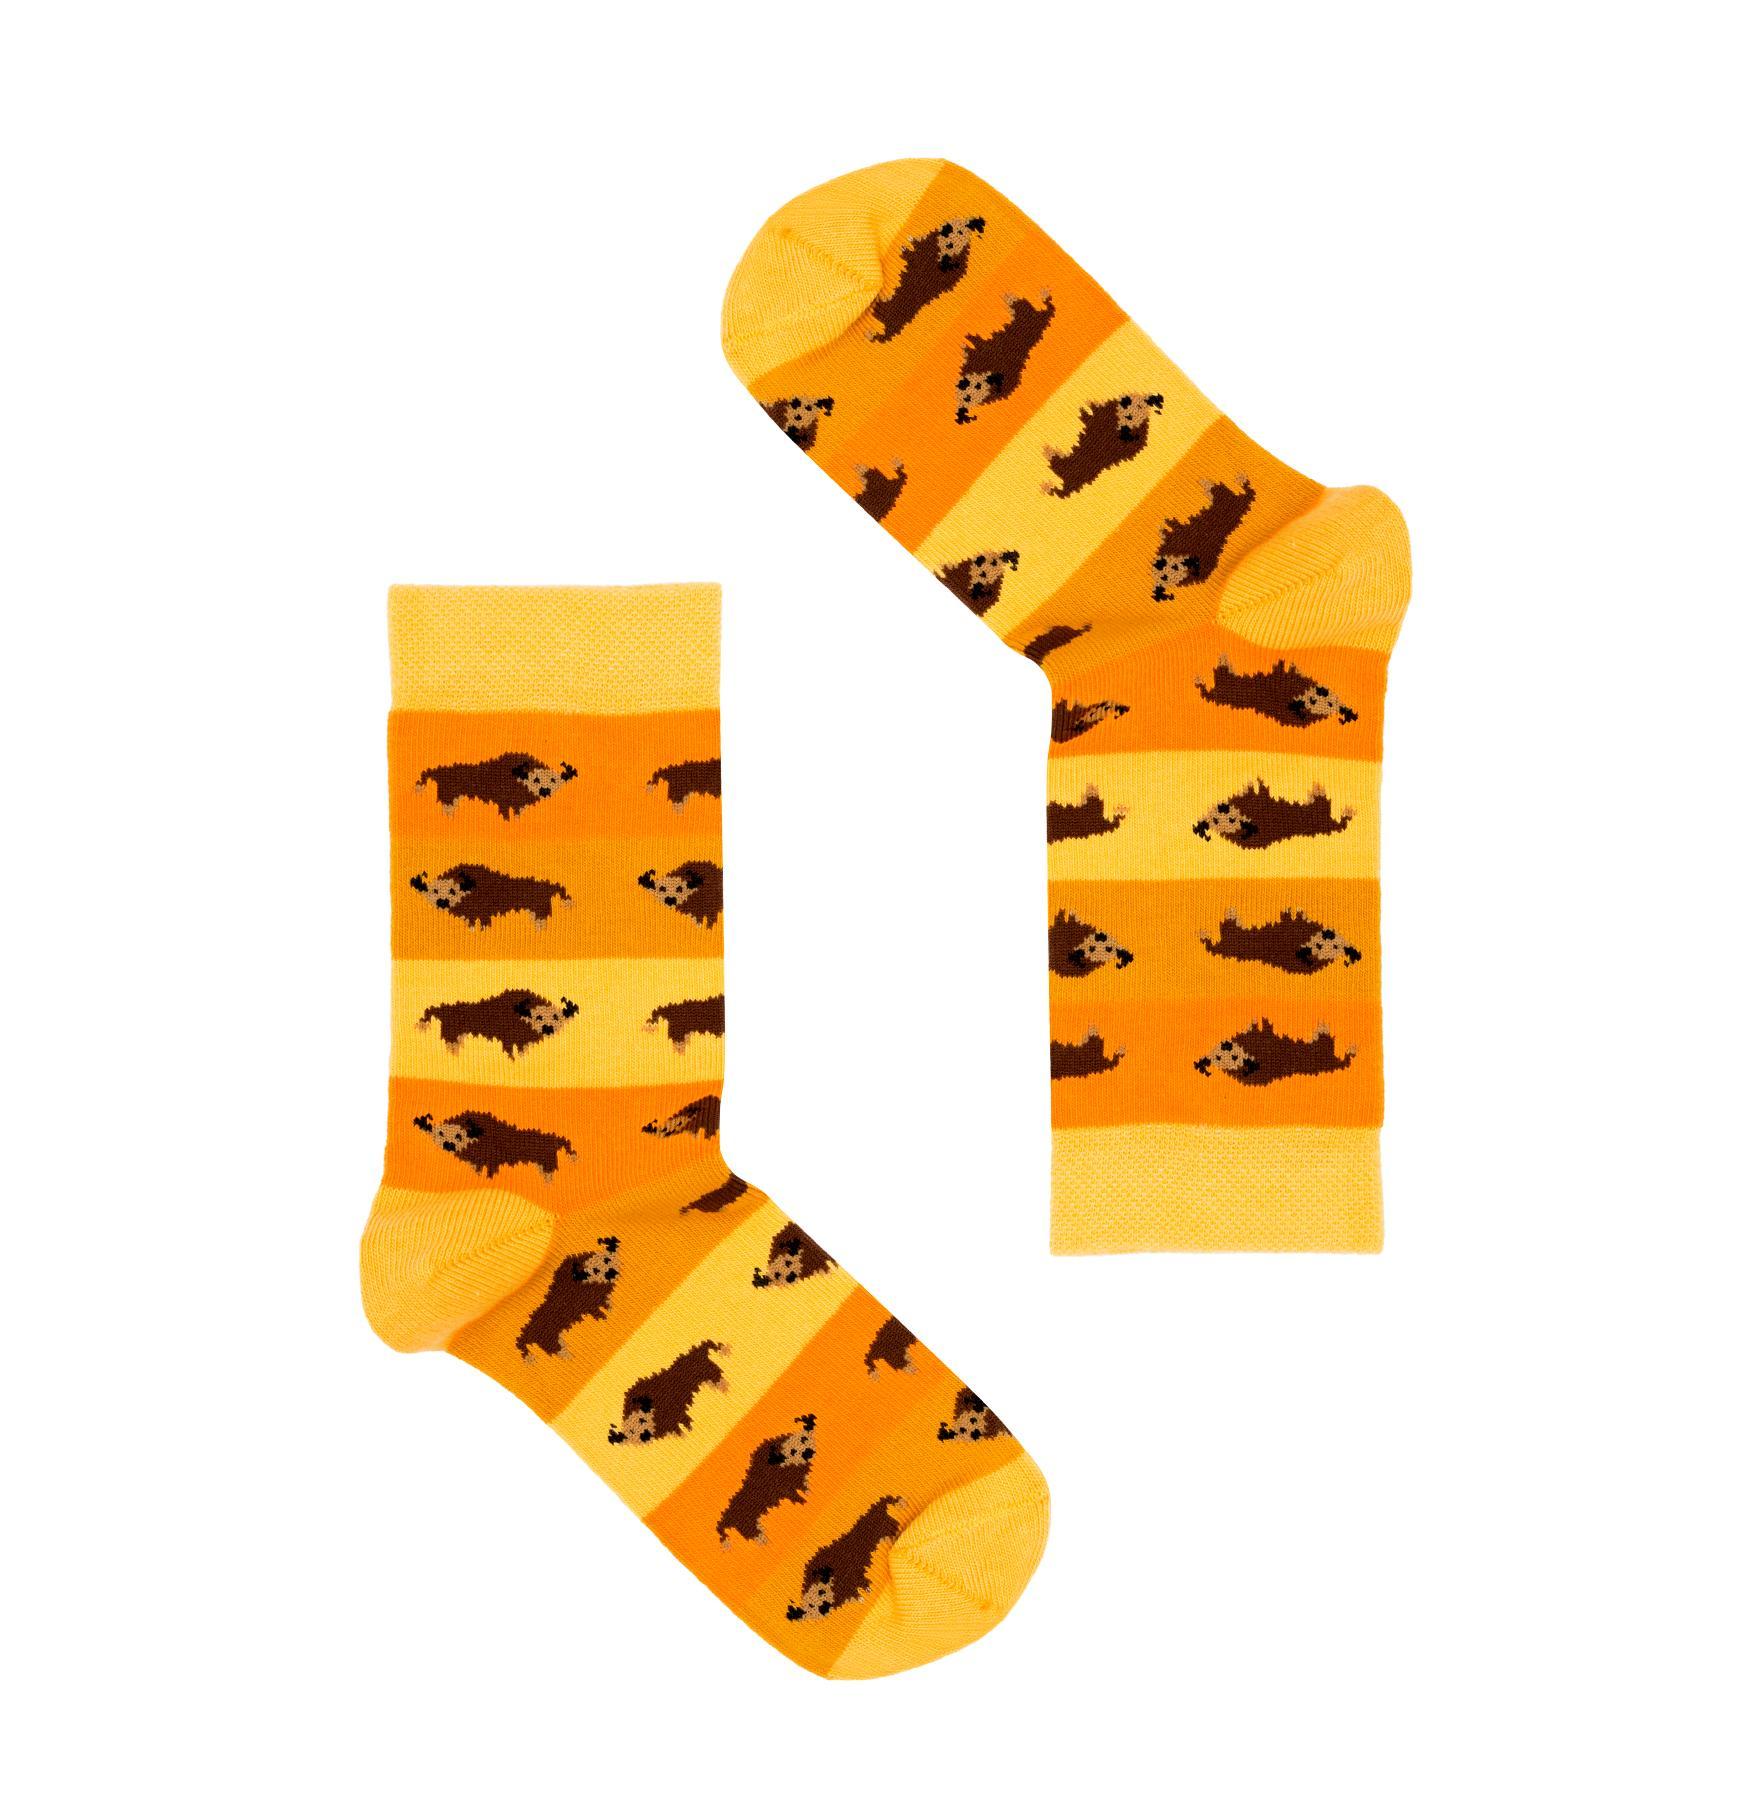 Śmieszne, kolorowe skarpetki dziecięce FAVES Socks & Friends z kolekcji polskiej w żubry! Poznaj kolorowe skarpety marki Faves Socks & Friends i dodaj swoim stylizacjom odrobinę szaleństwa, a podróżnicze motywy niech inspirują Cię do wypraw małych i dużych. Wzory skarpet przedstawiają symbole charakterystyczne dla danego kraju. Znajdziesz u nas także więcej motywów z tej kolekcji w innych rozmiarach - może to idealny pomysł na skarpety dla całej rodziny? Made in Poland. – produkty są zarówno projektowane jak i produkowane wyłącznie w Polsce. Bawełna stosowana w skarpetach posiada certyfikat OEKO TEX, który stanowi gwarancję bezpieczeństwa dla skóry. Skład skarpet: 80% bawełny czesanej / 15% poliamidu / 5% elastanu